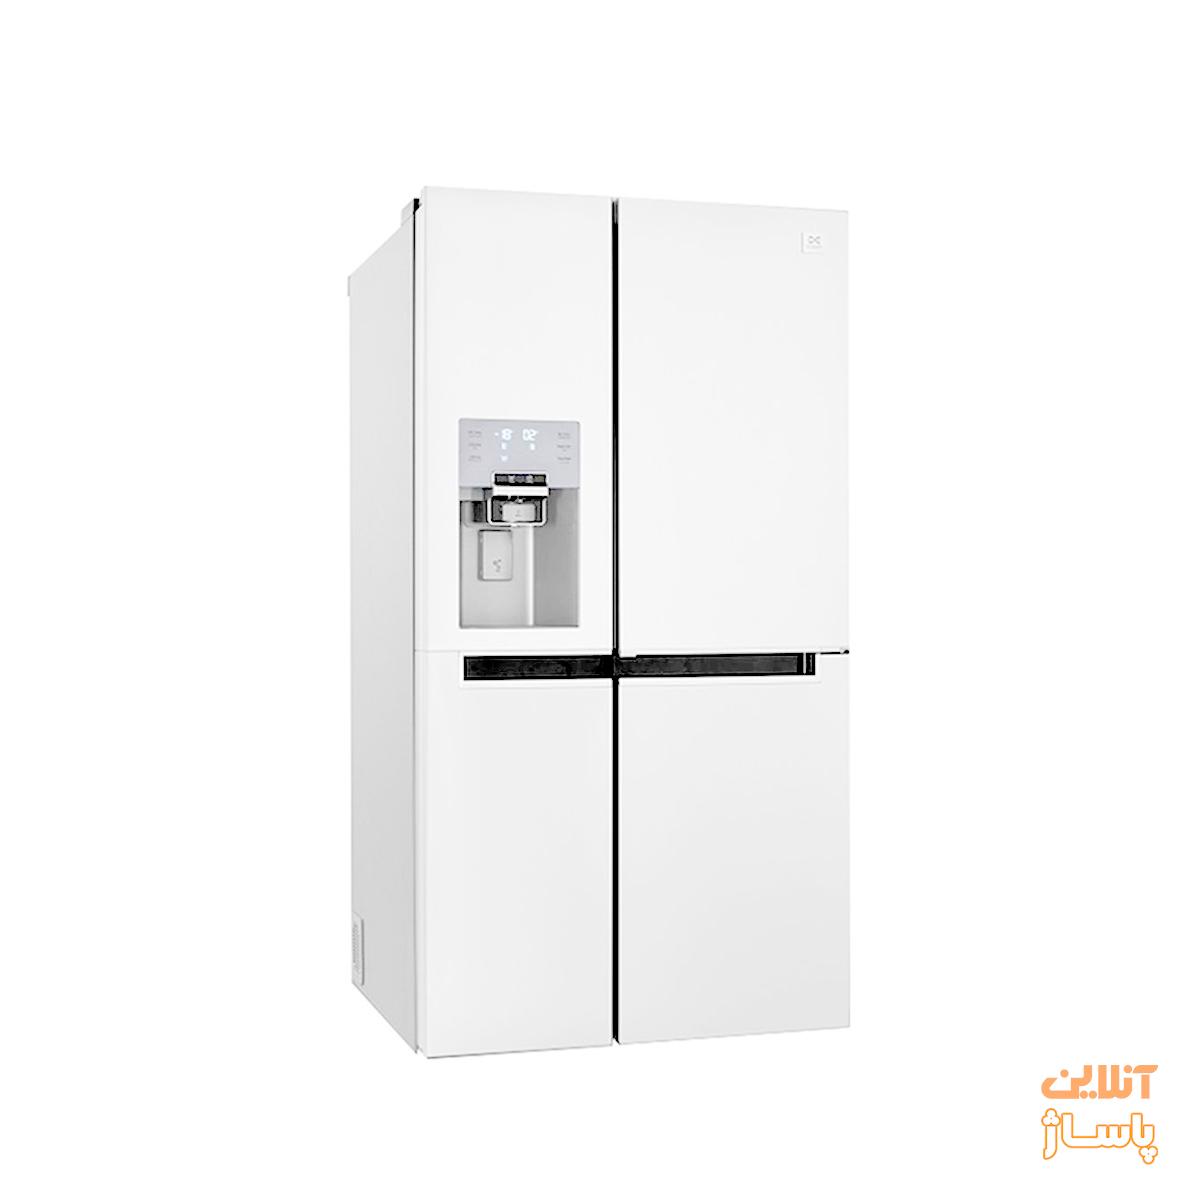 یخچال و فریزر ساید بای ساید دوو سری پرایم مدل D4S-0034MW سه درب